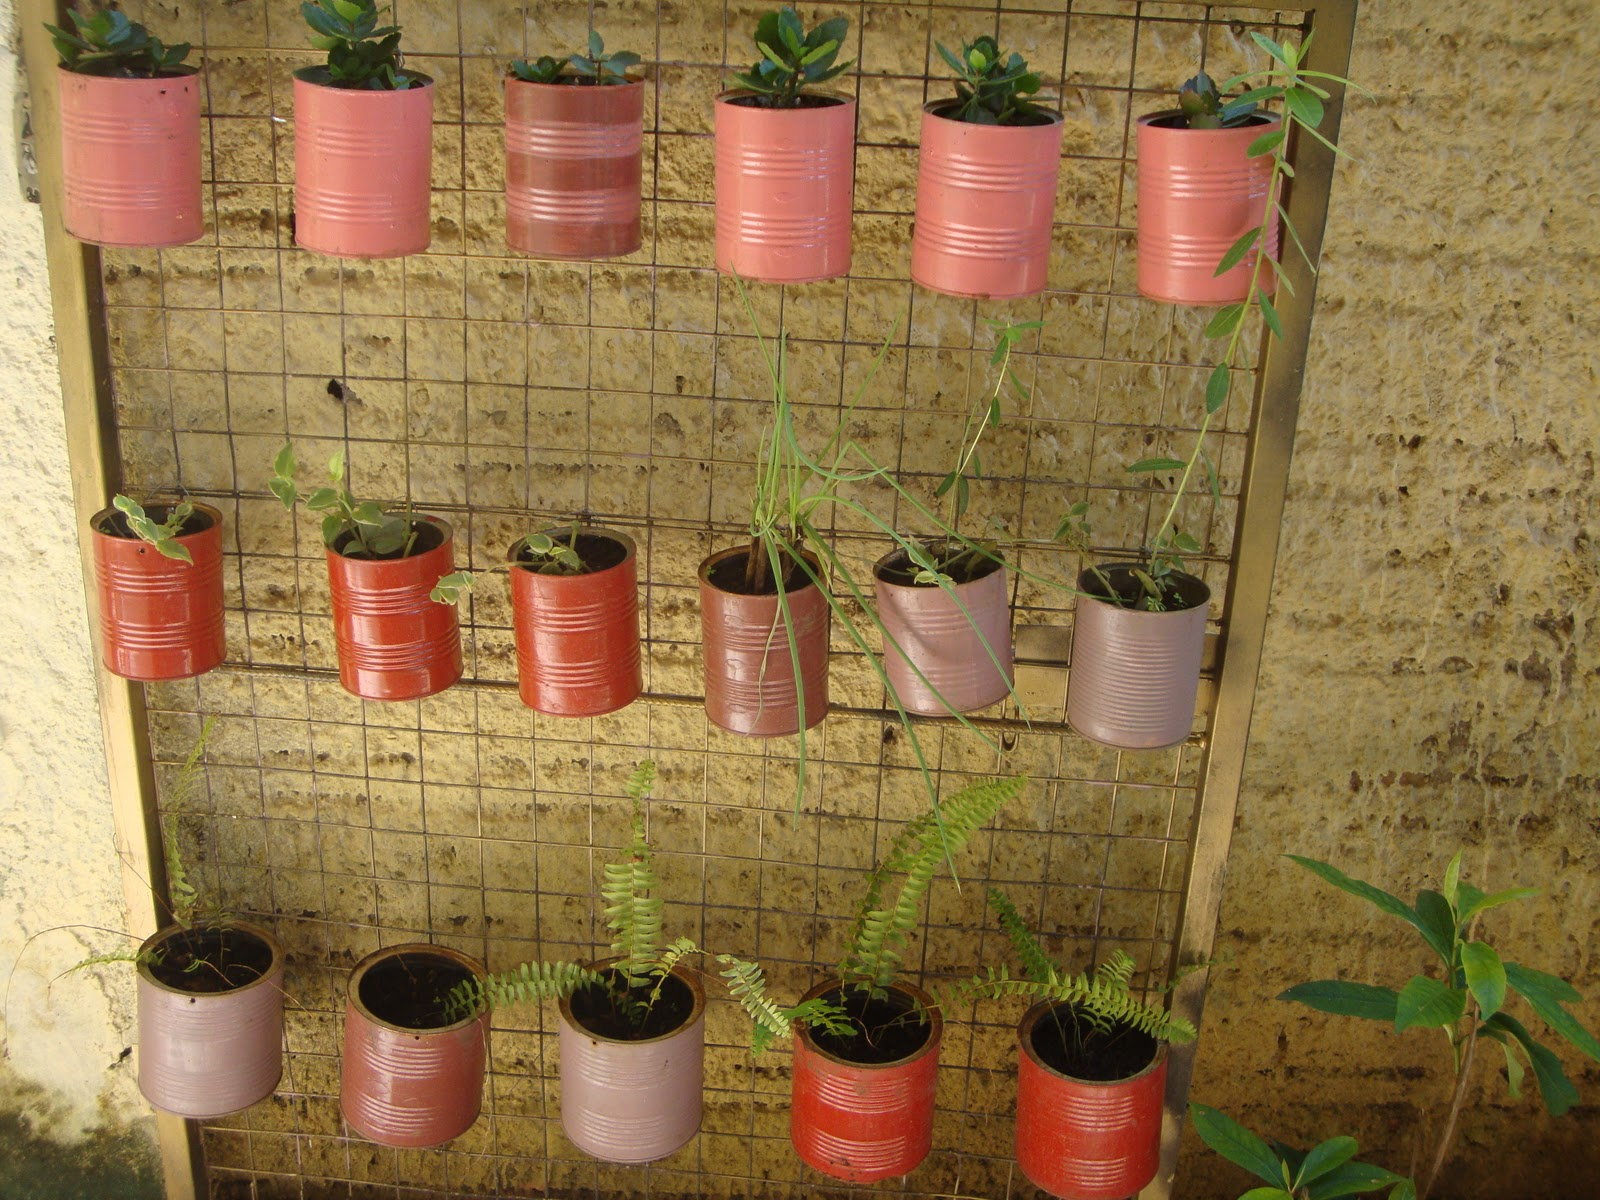 jardim vertical latas:Coisas de Mulher: JARDIM VERTICAL COM LATAS RECICLADAS